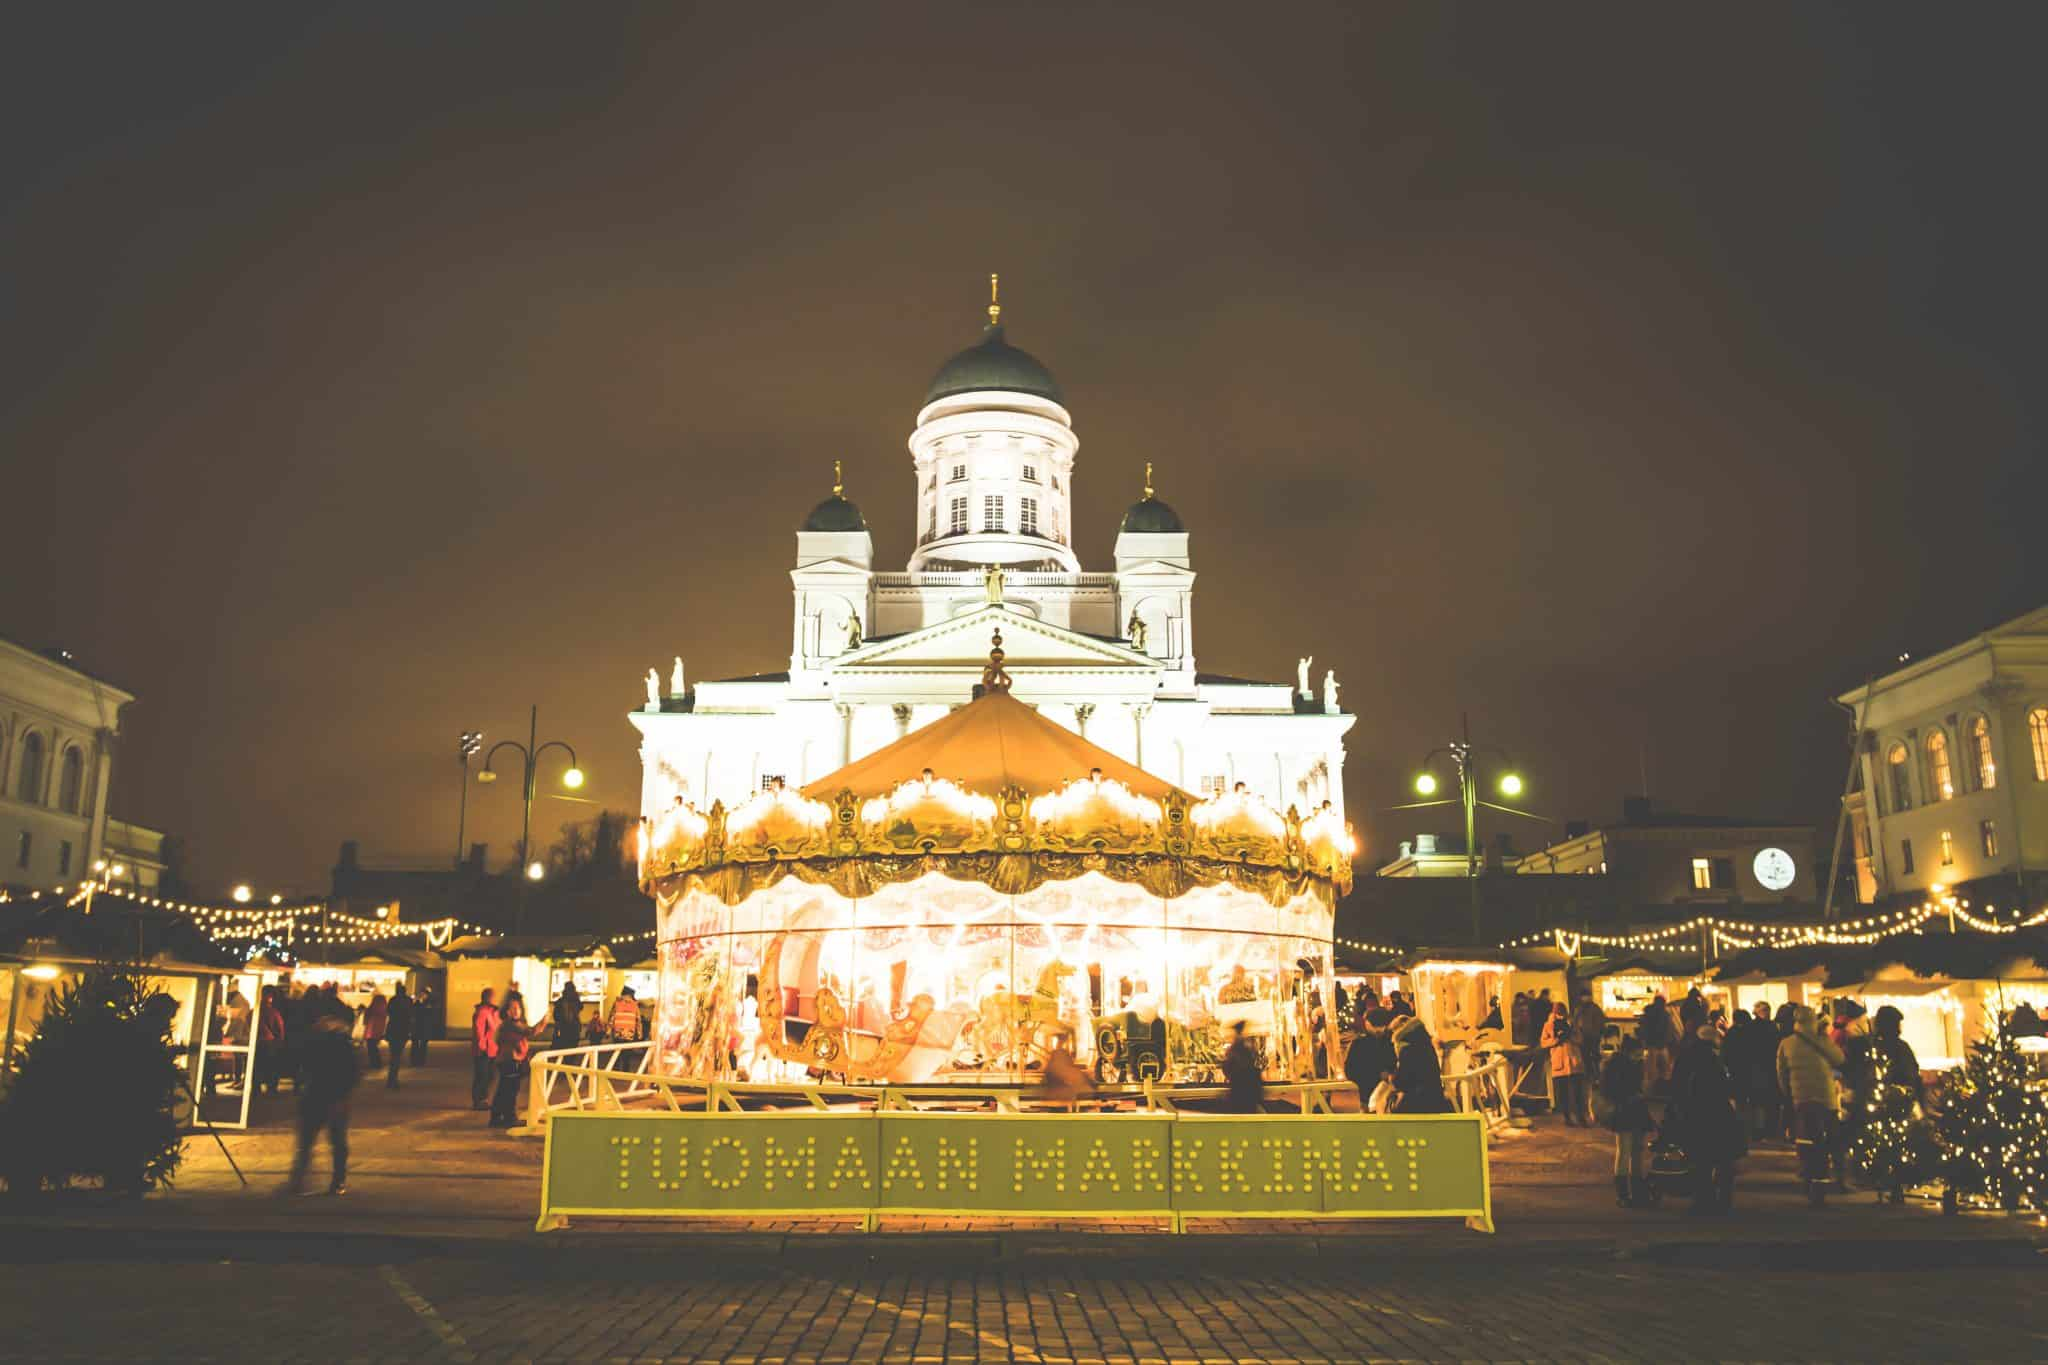 Christmas market in Helsinki